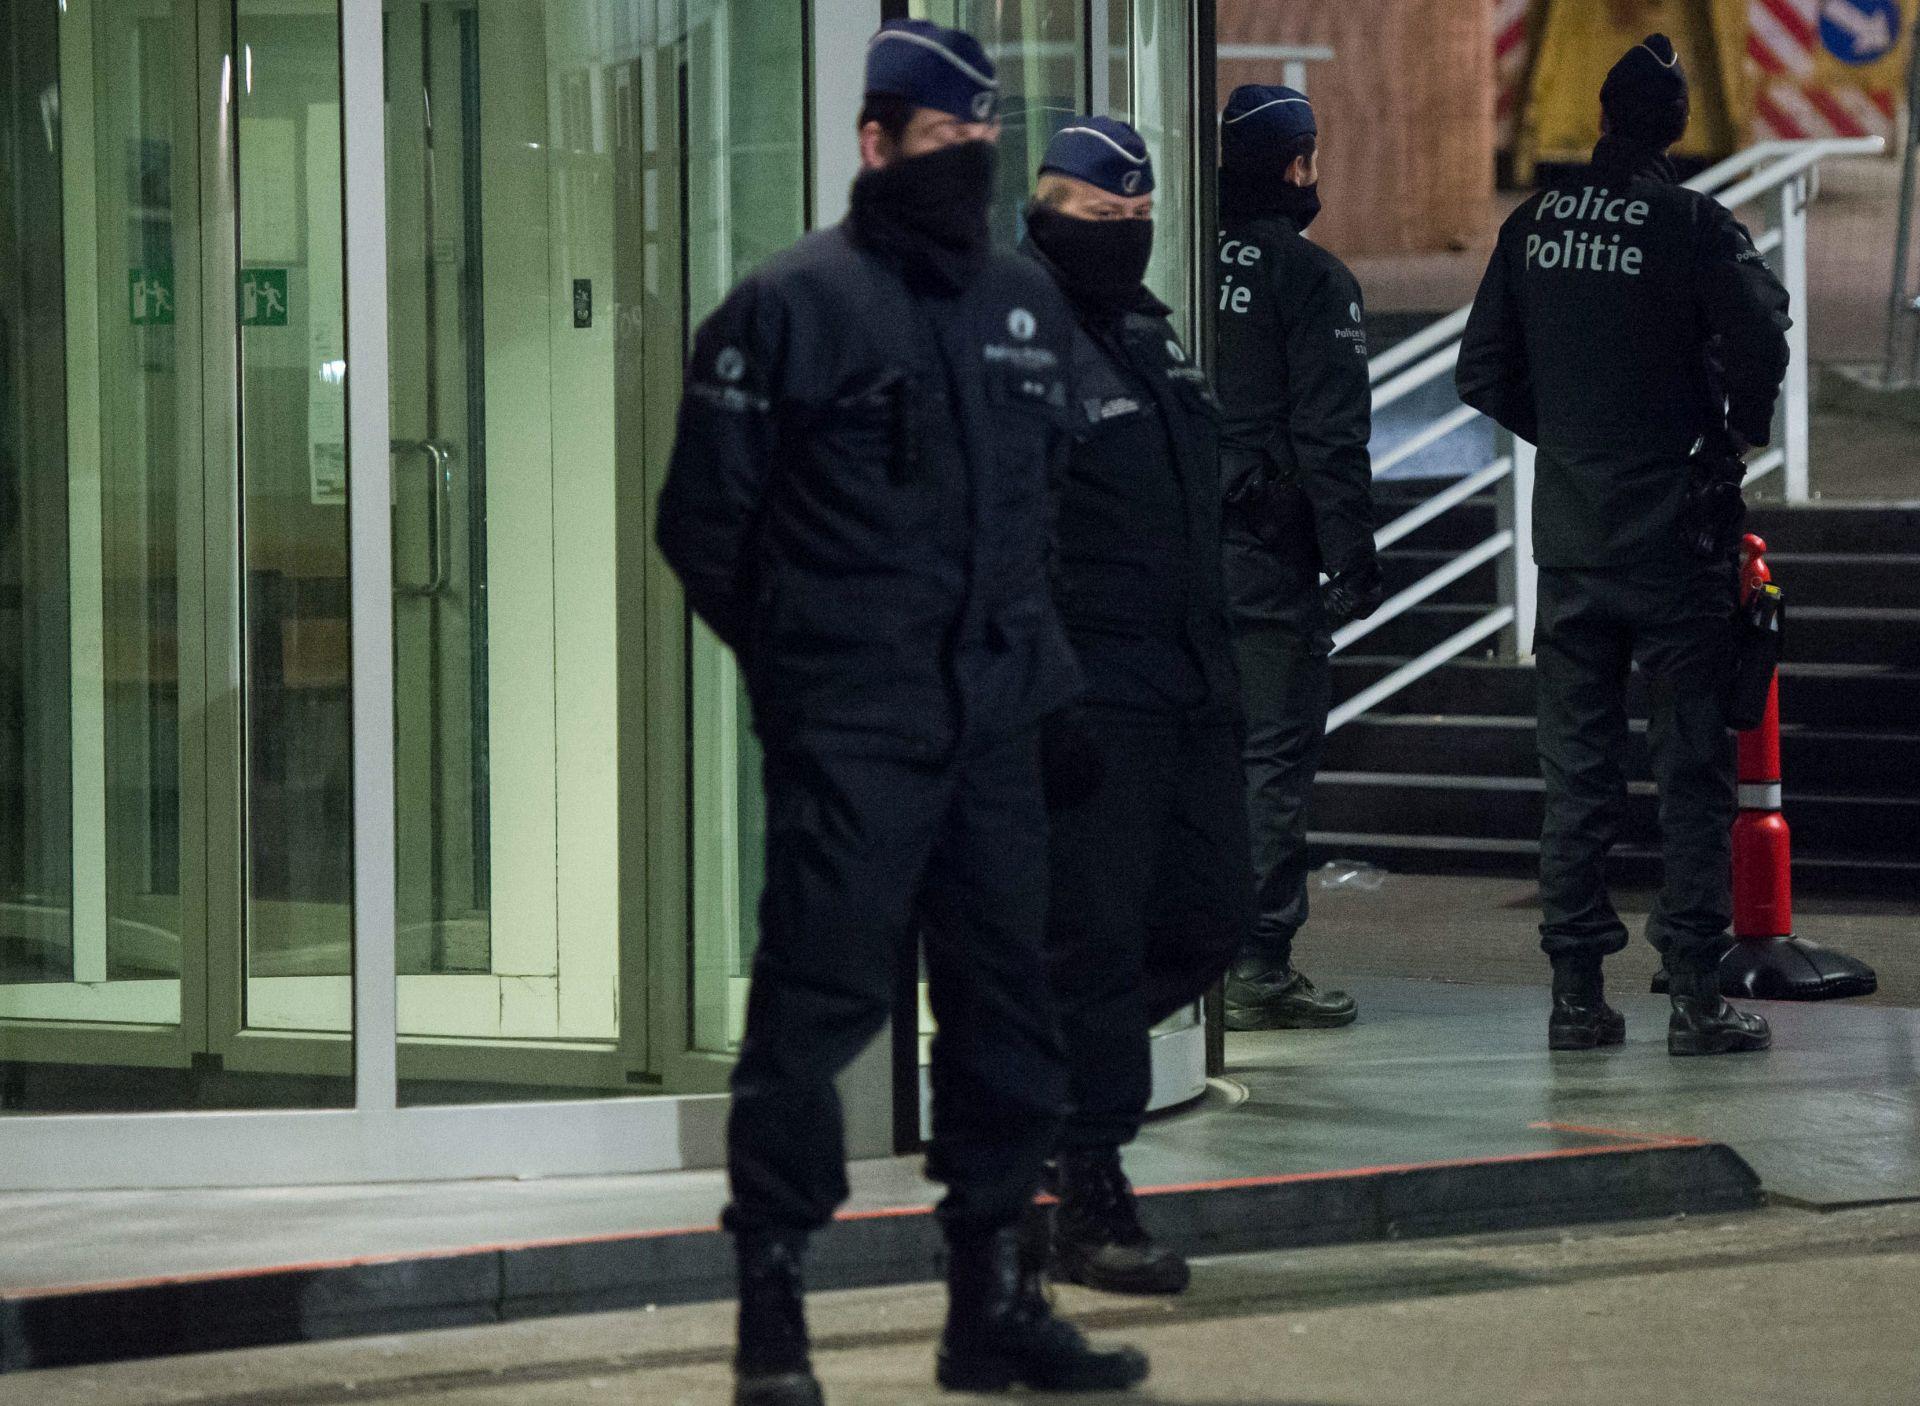 NAPADI U PARIZU: Abdeslamov odvjetnik će tužiti pariškog državnog odvjetnika